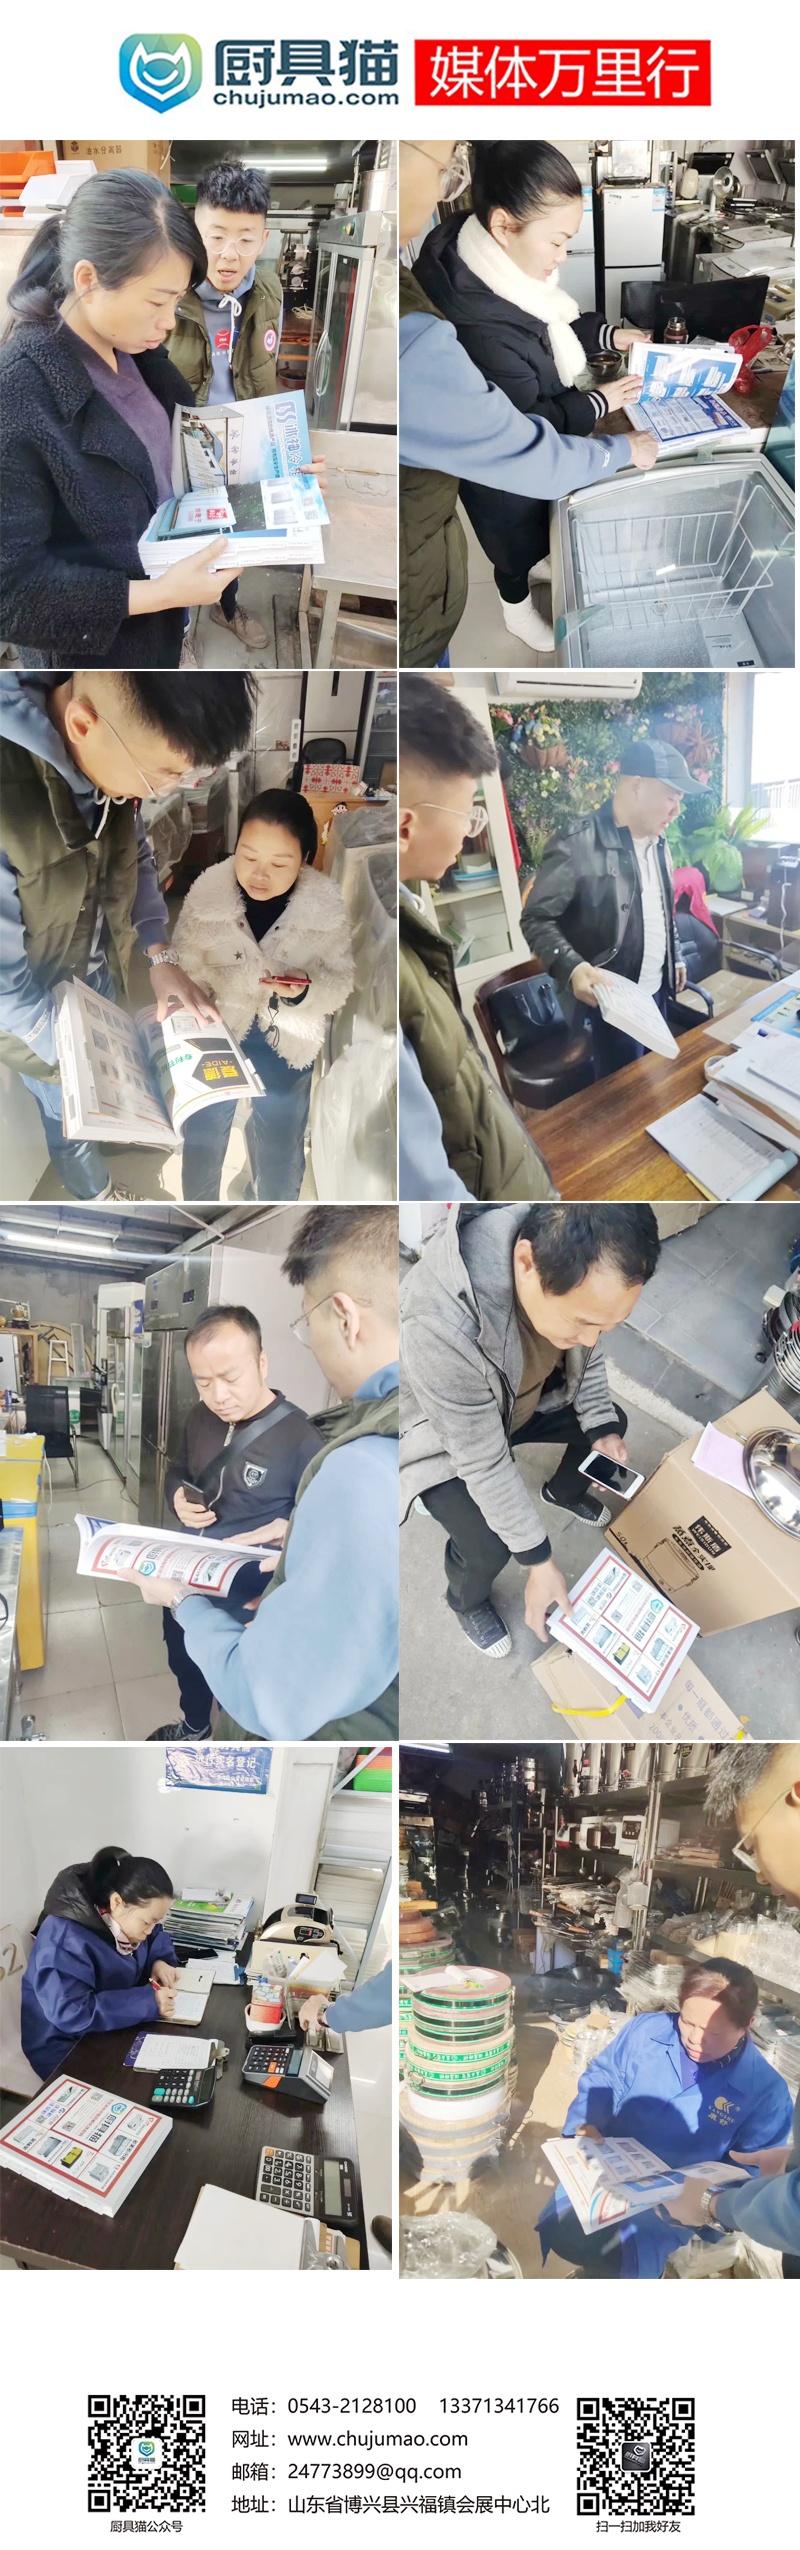 浙江省厨具市场发放推广 让全国经销商选购厨都优质厨具